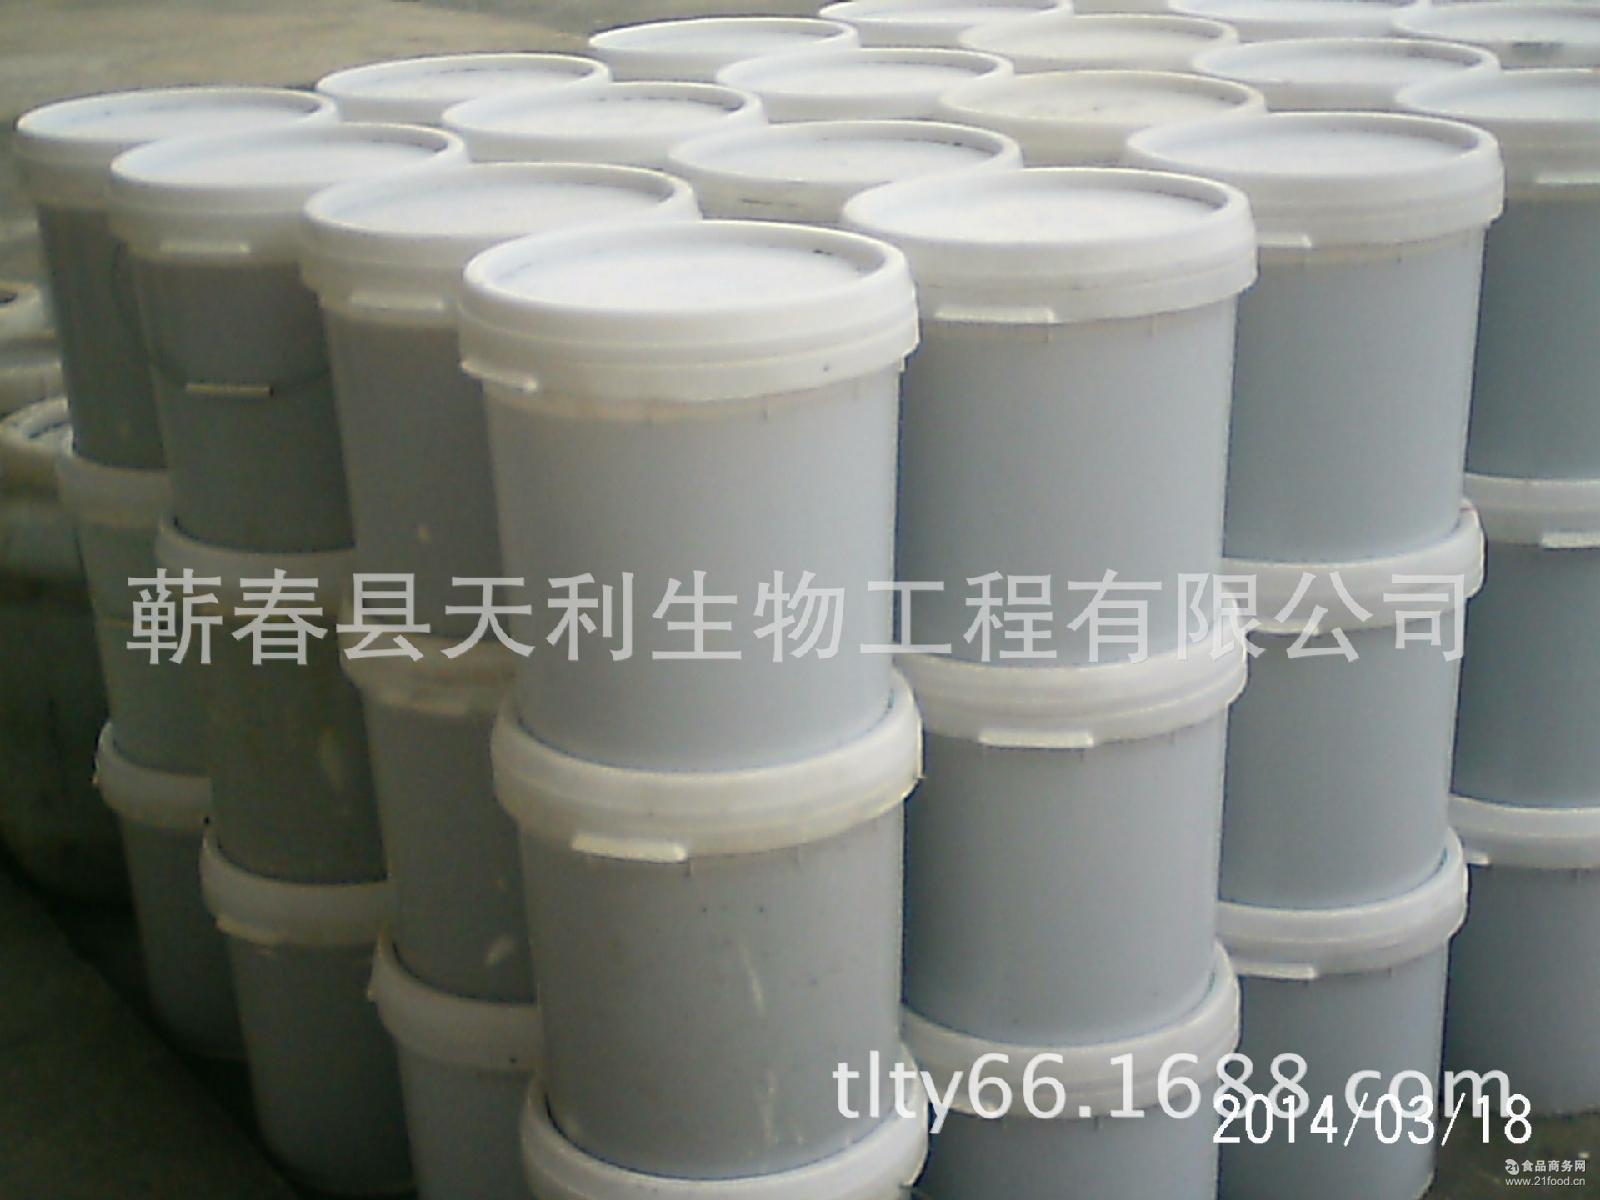 服务周到 传统工艺 厂家直销 味道纯正麦芽糖质优价廉